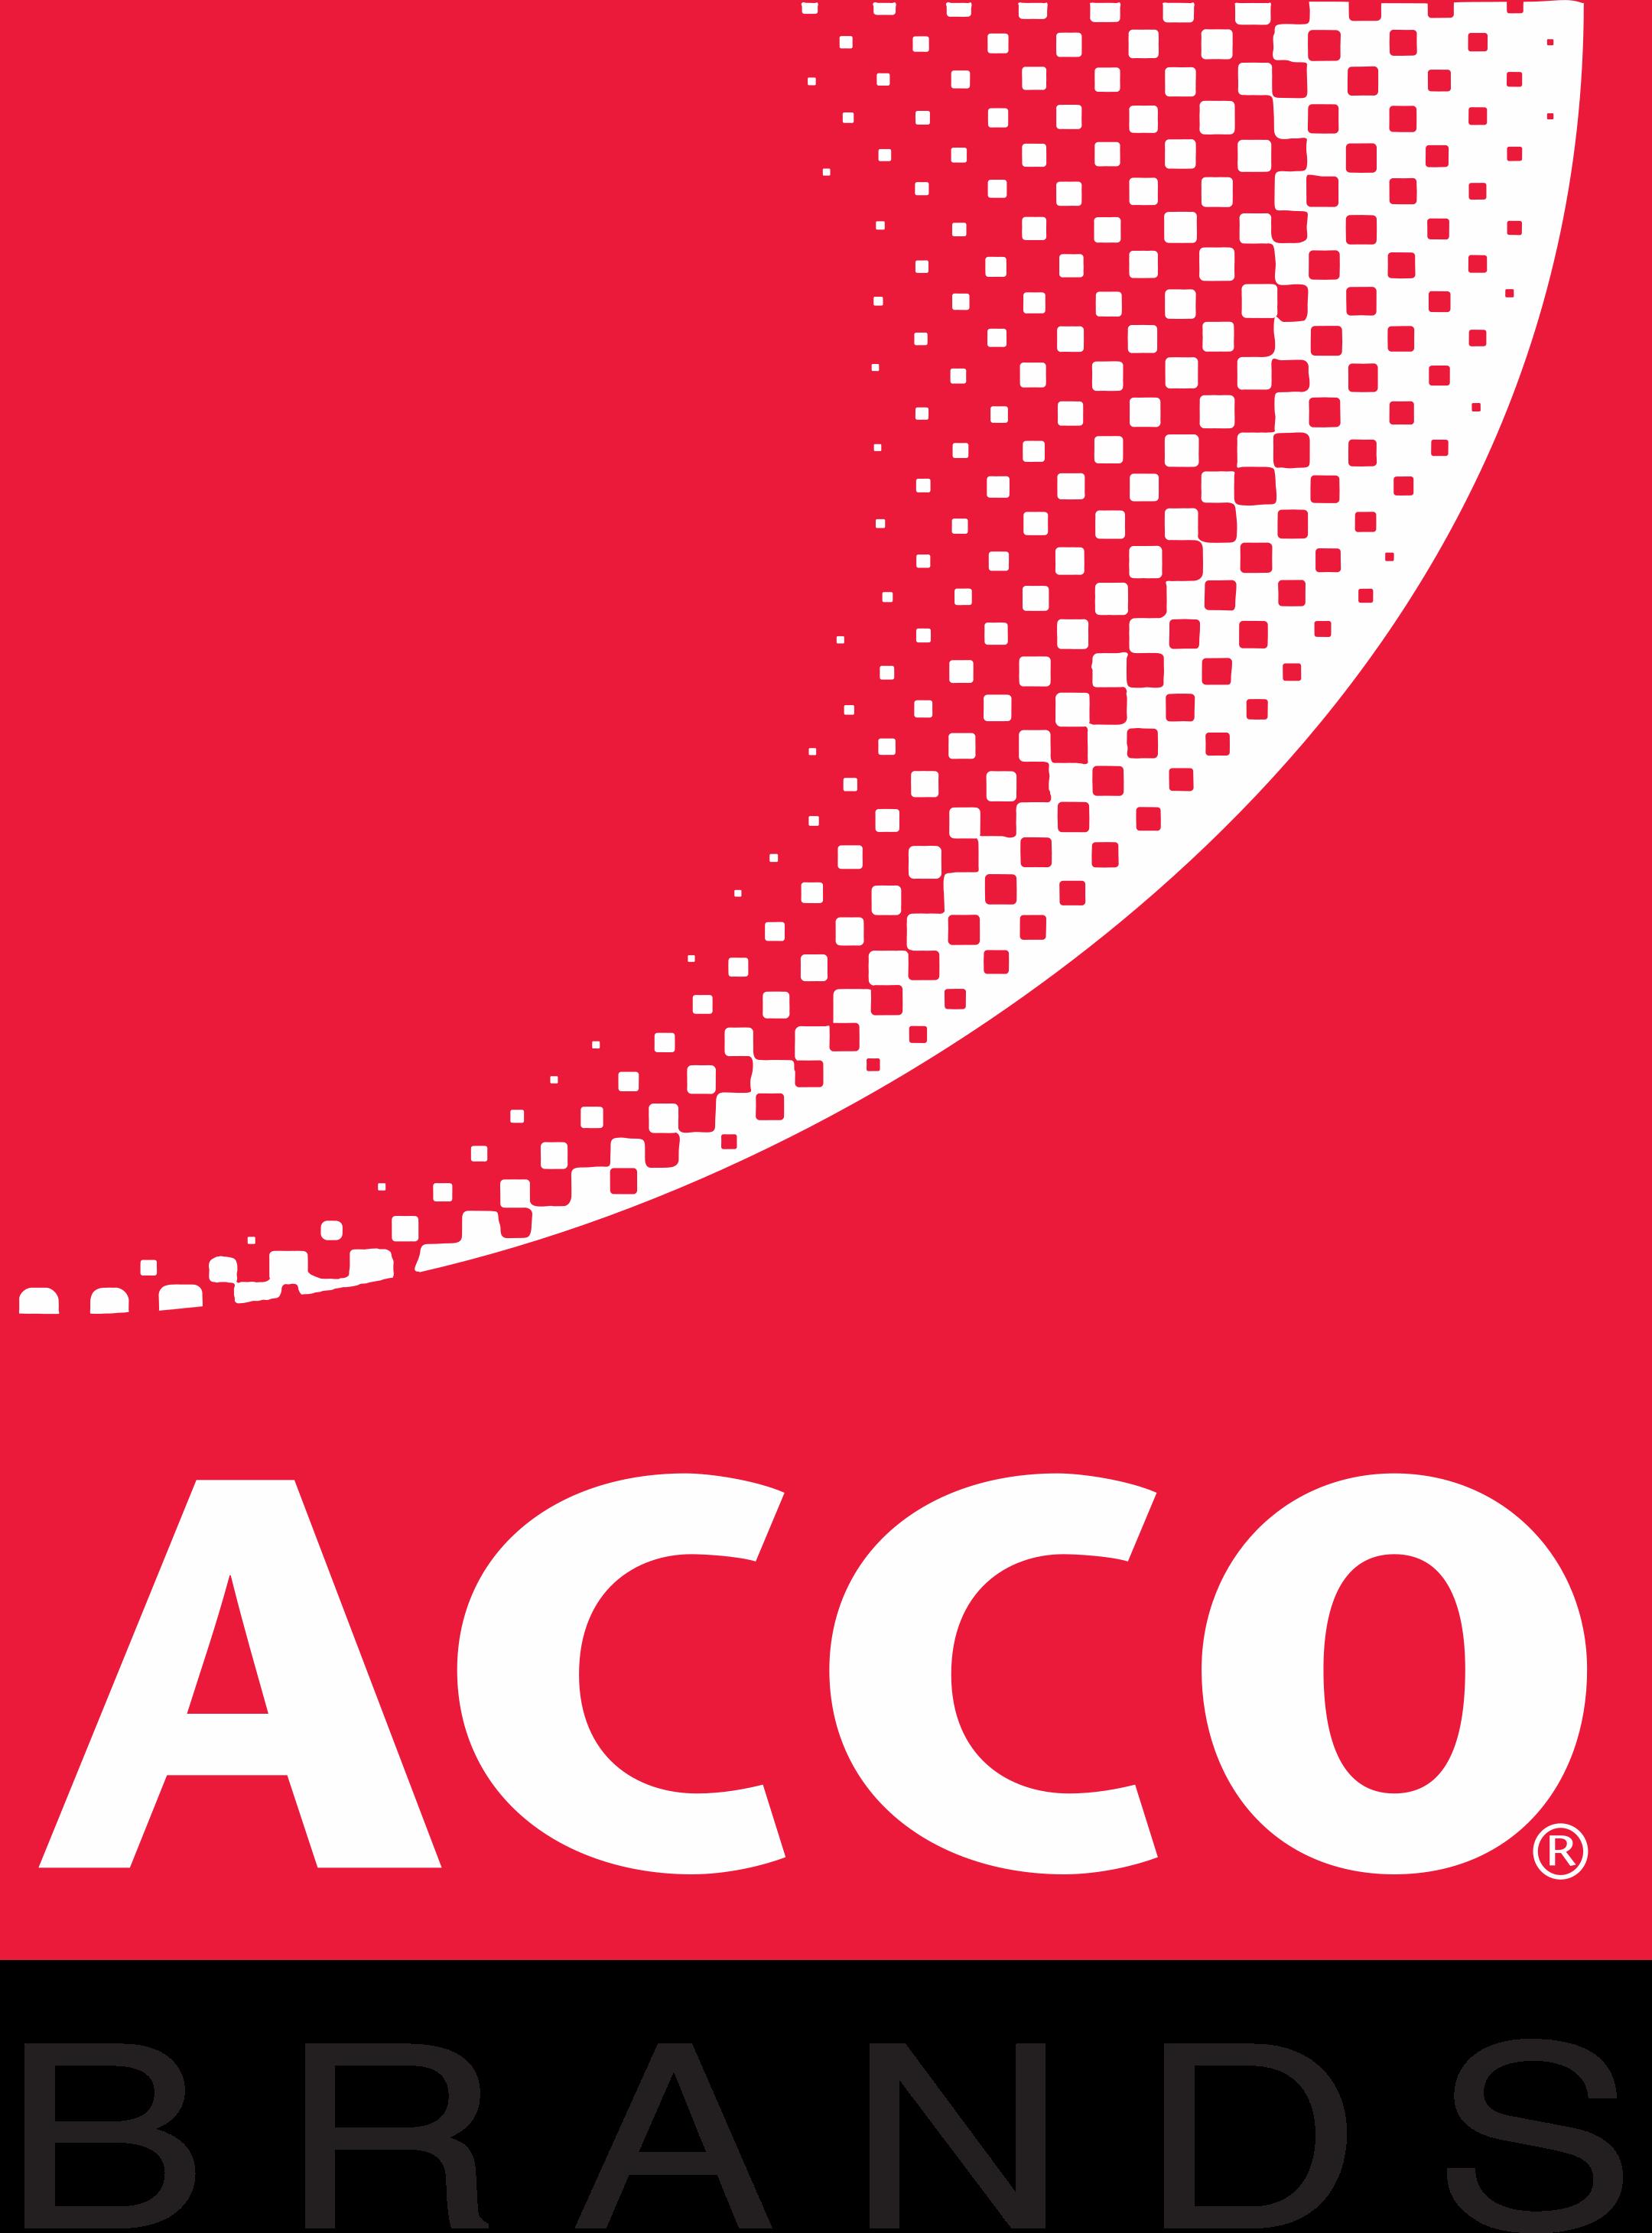 acco brands logo 1 - ACCO Brands Logo